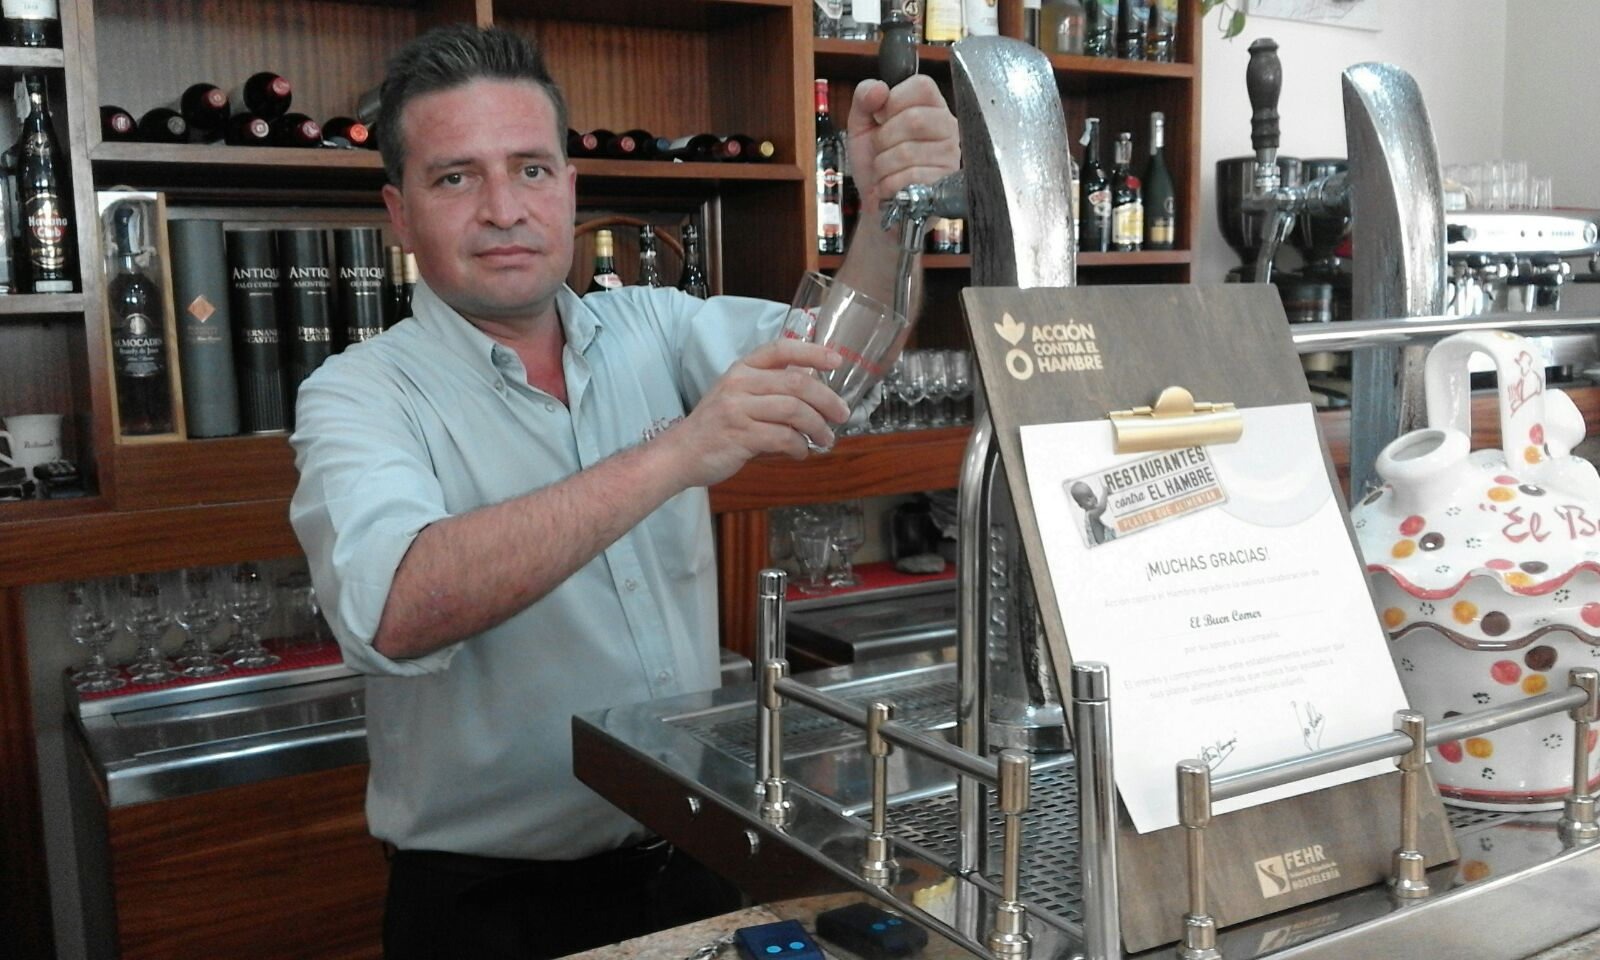 Fotografía: Carlos Sampalo, en su establecimiento 'El Buen Comer' que participa en la campaña 'Restaurantes contra el hambre'./ Cedida